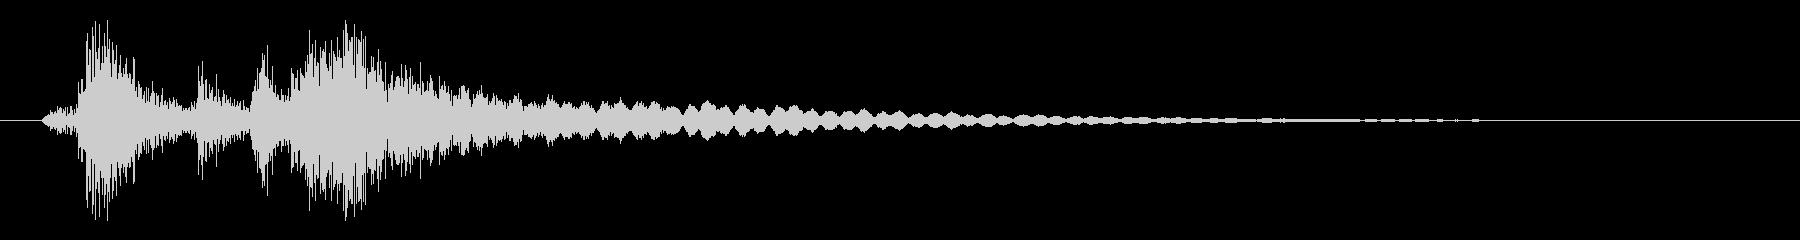 レジの音_チーン_01の未再生の波形